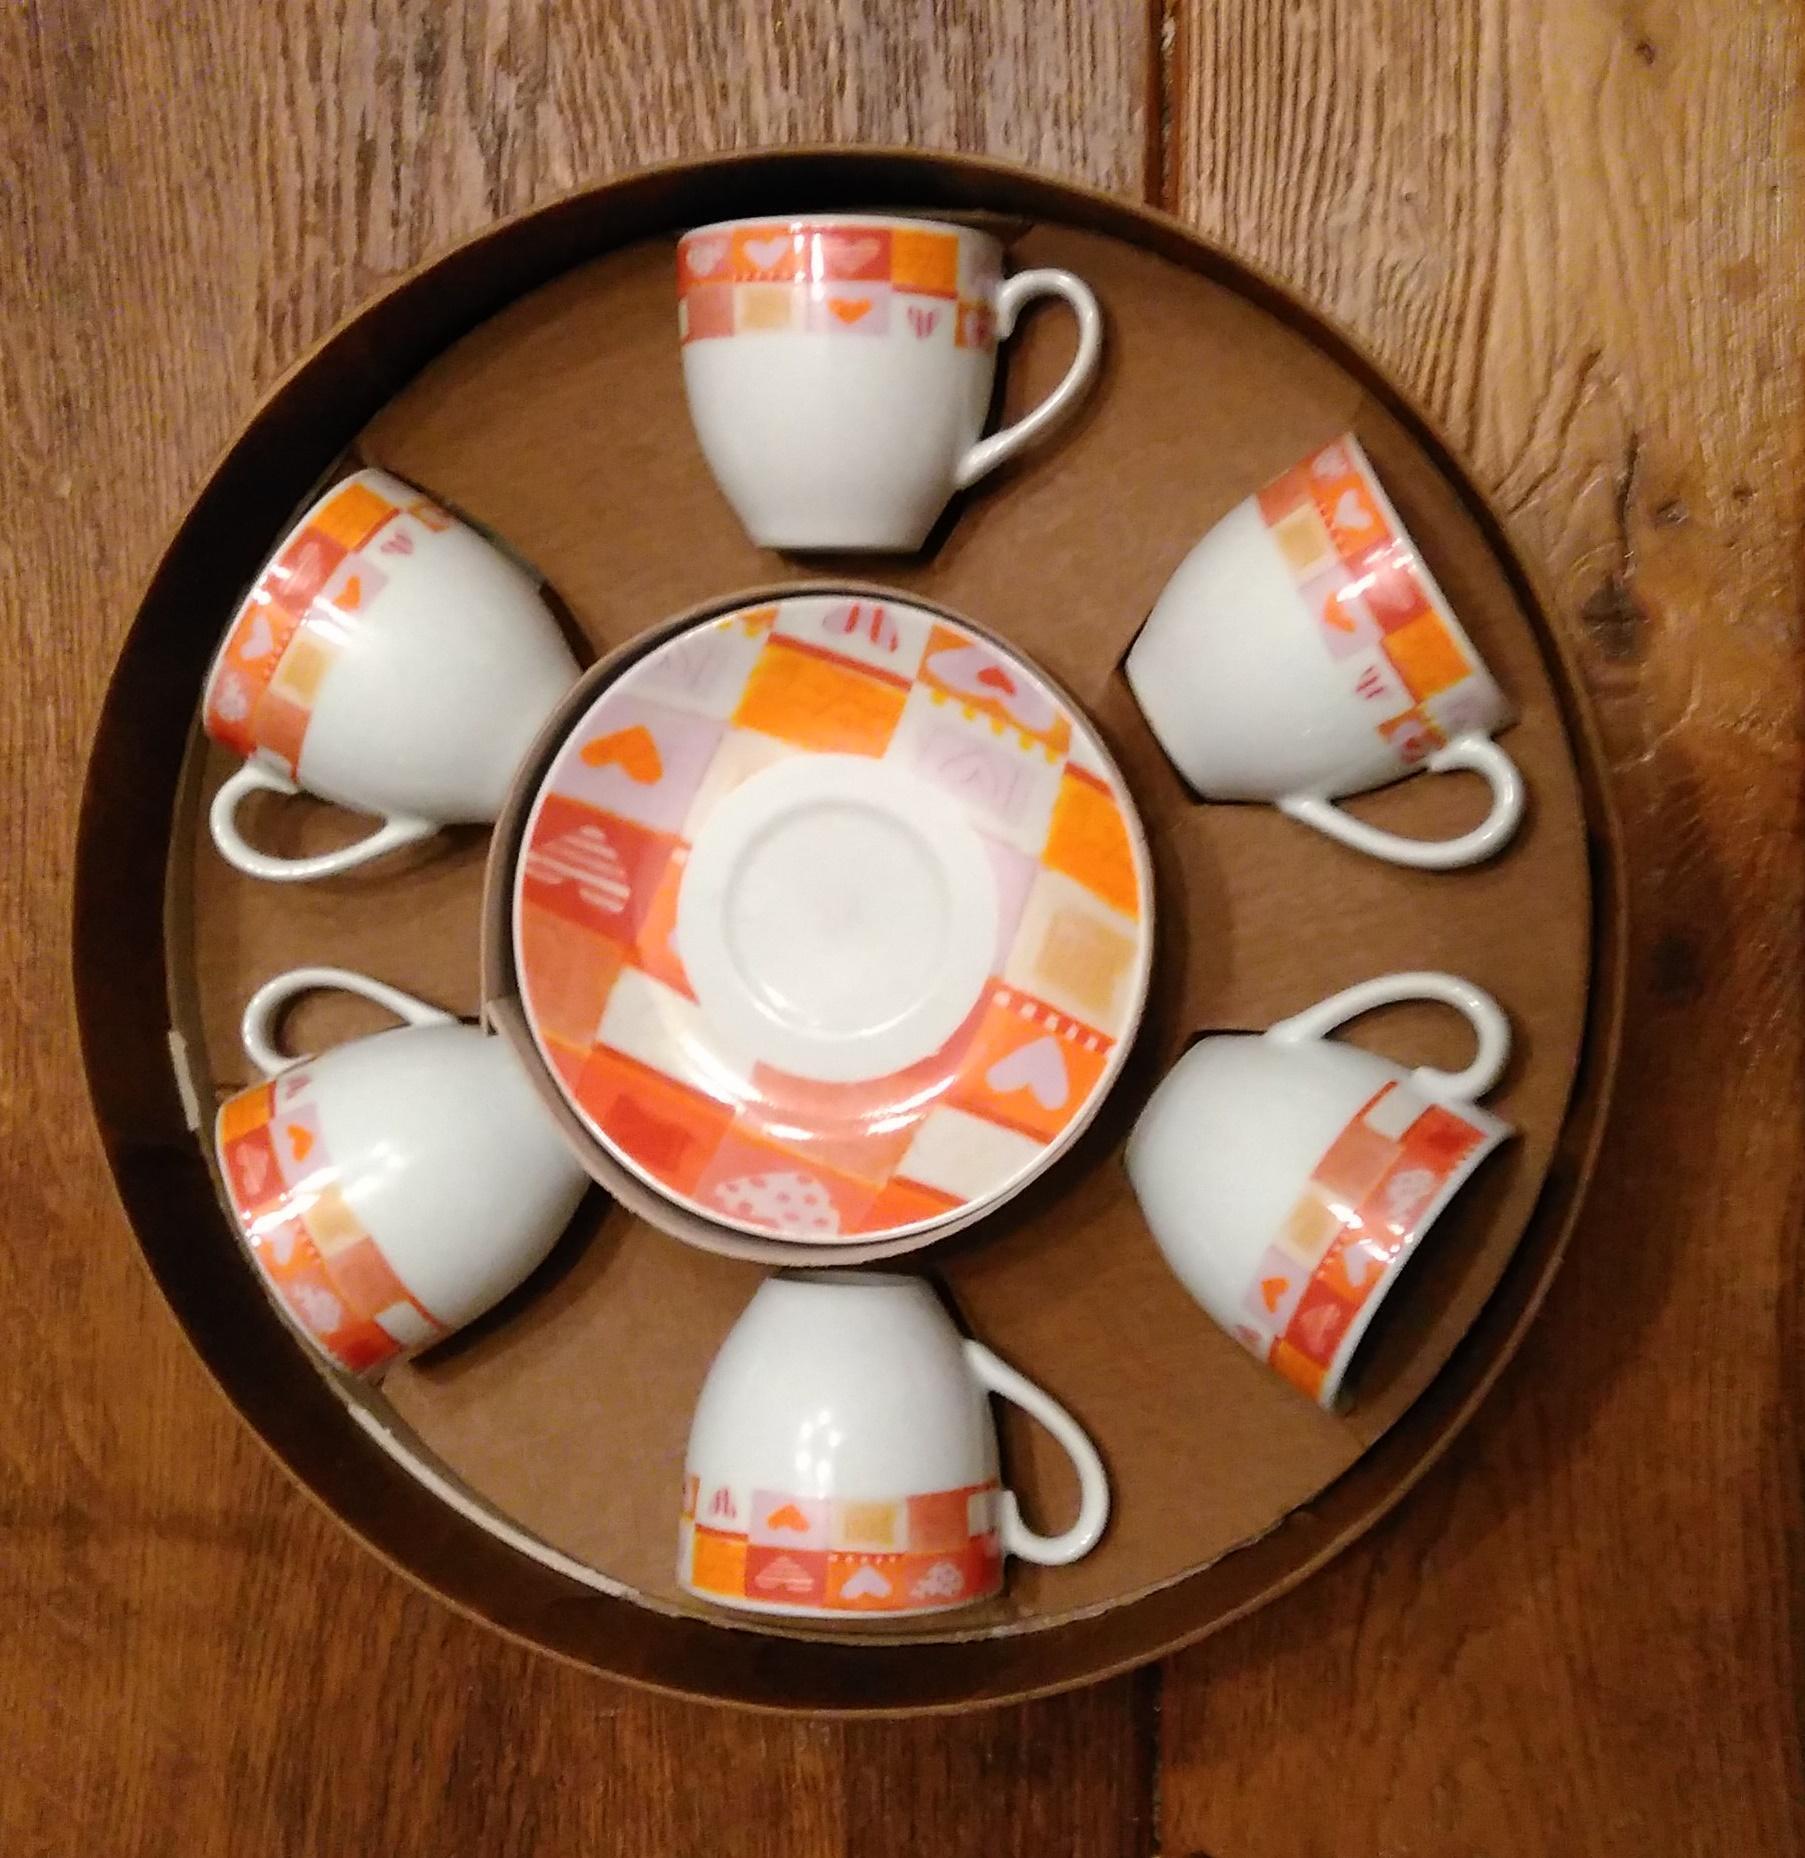 troc de troc set neuf de 6 tasses à café et soucoupes image 0